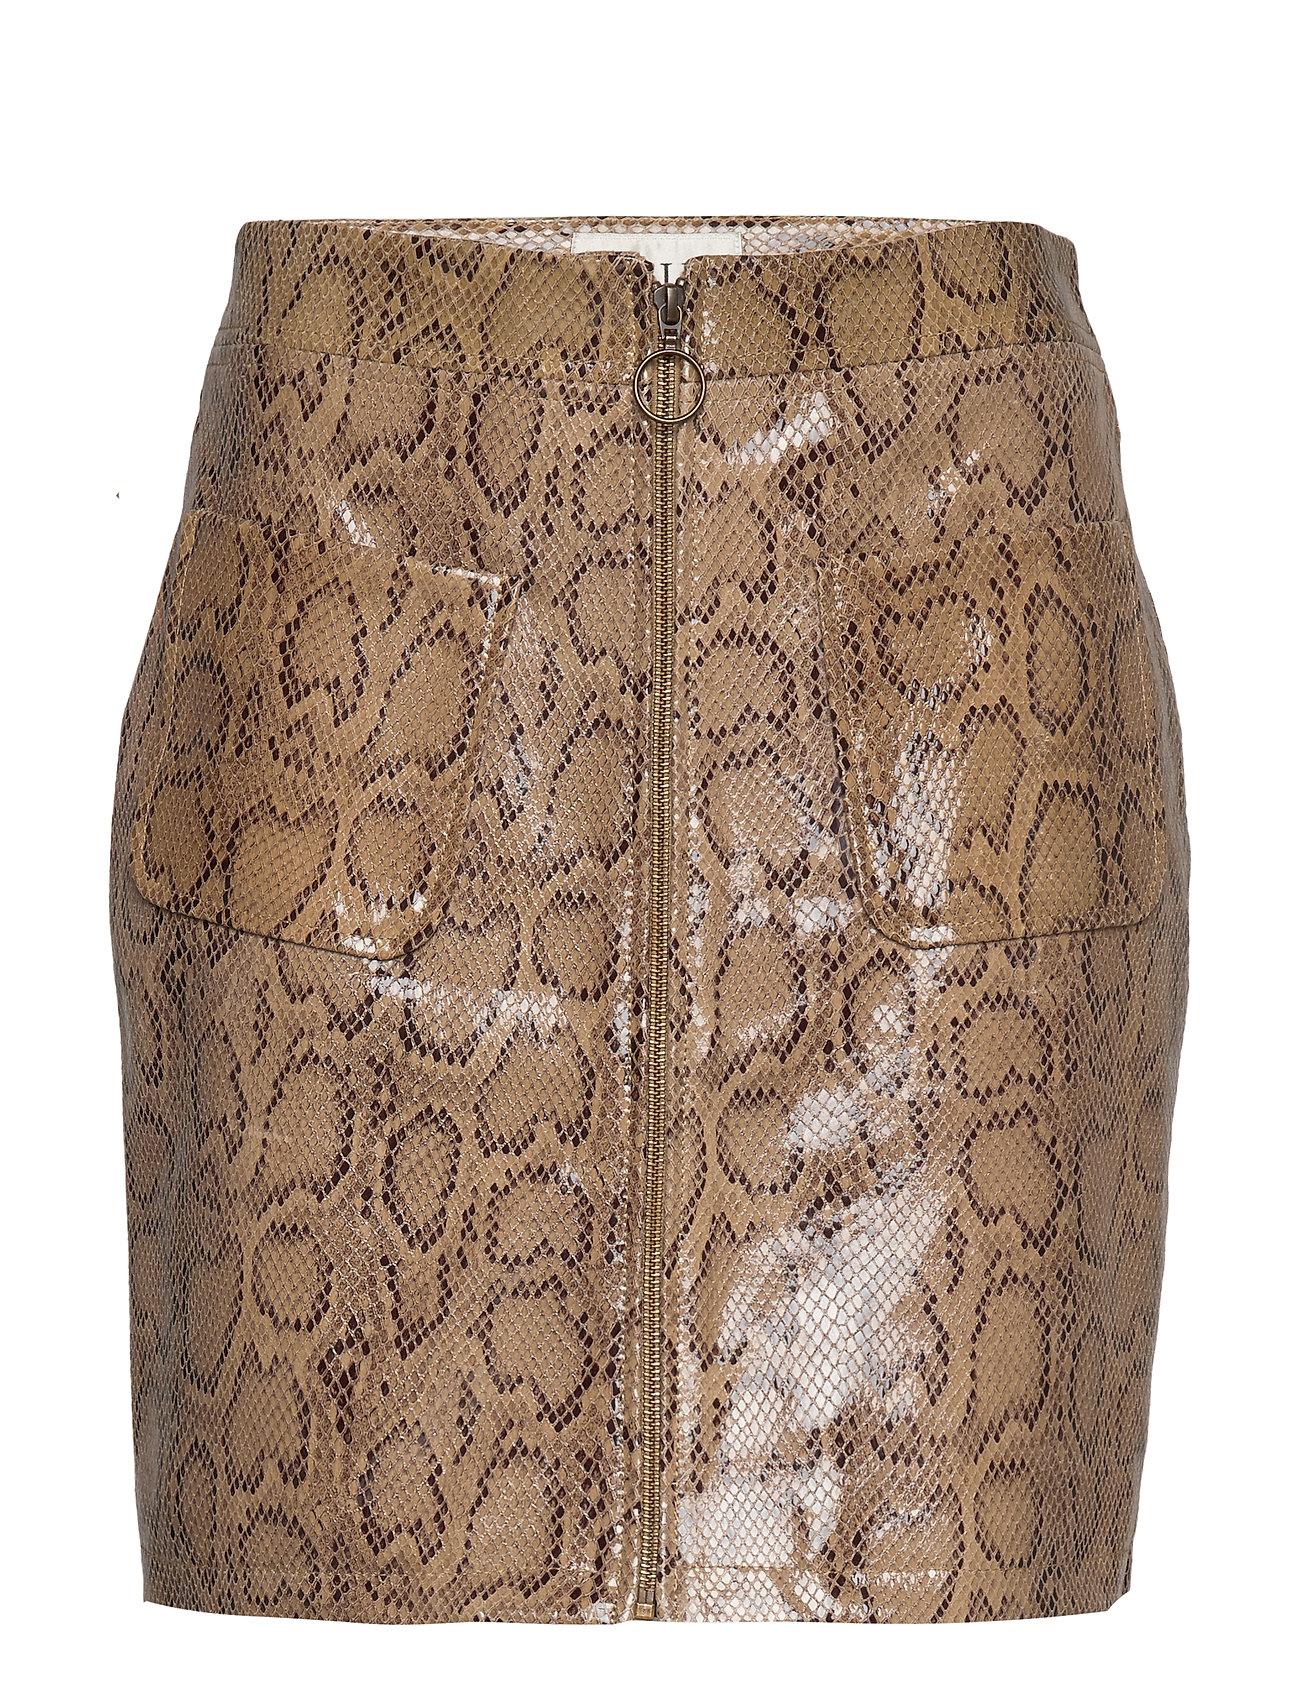 Image of Animal Short Skirt Kort Nederdel Beige MAUD (3244284223)